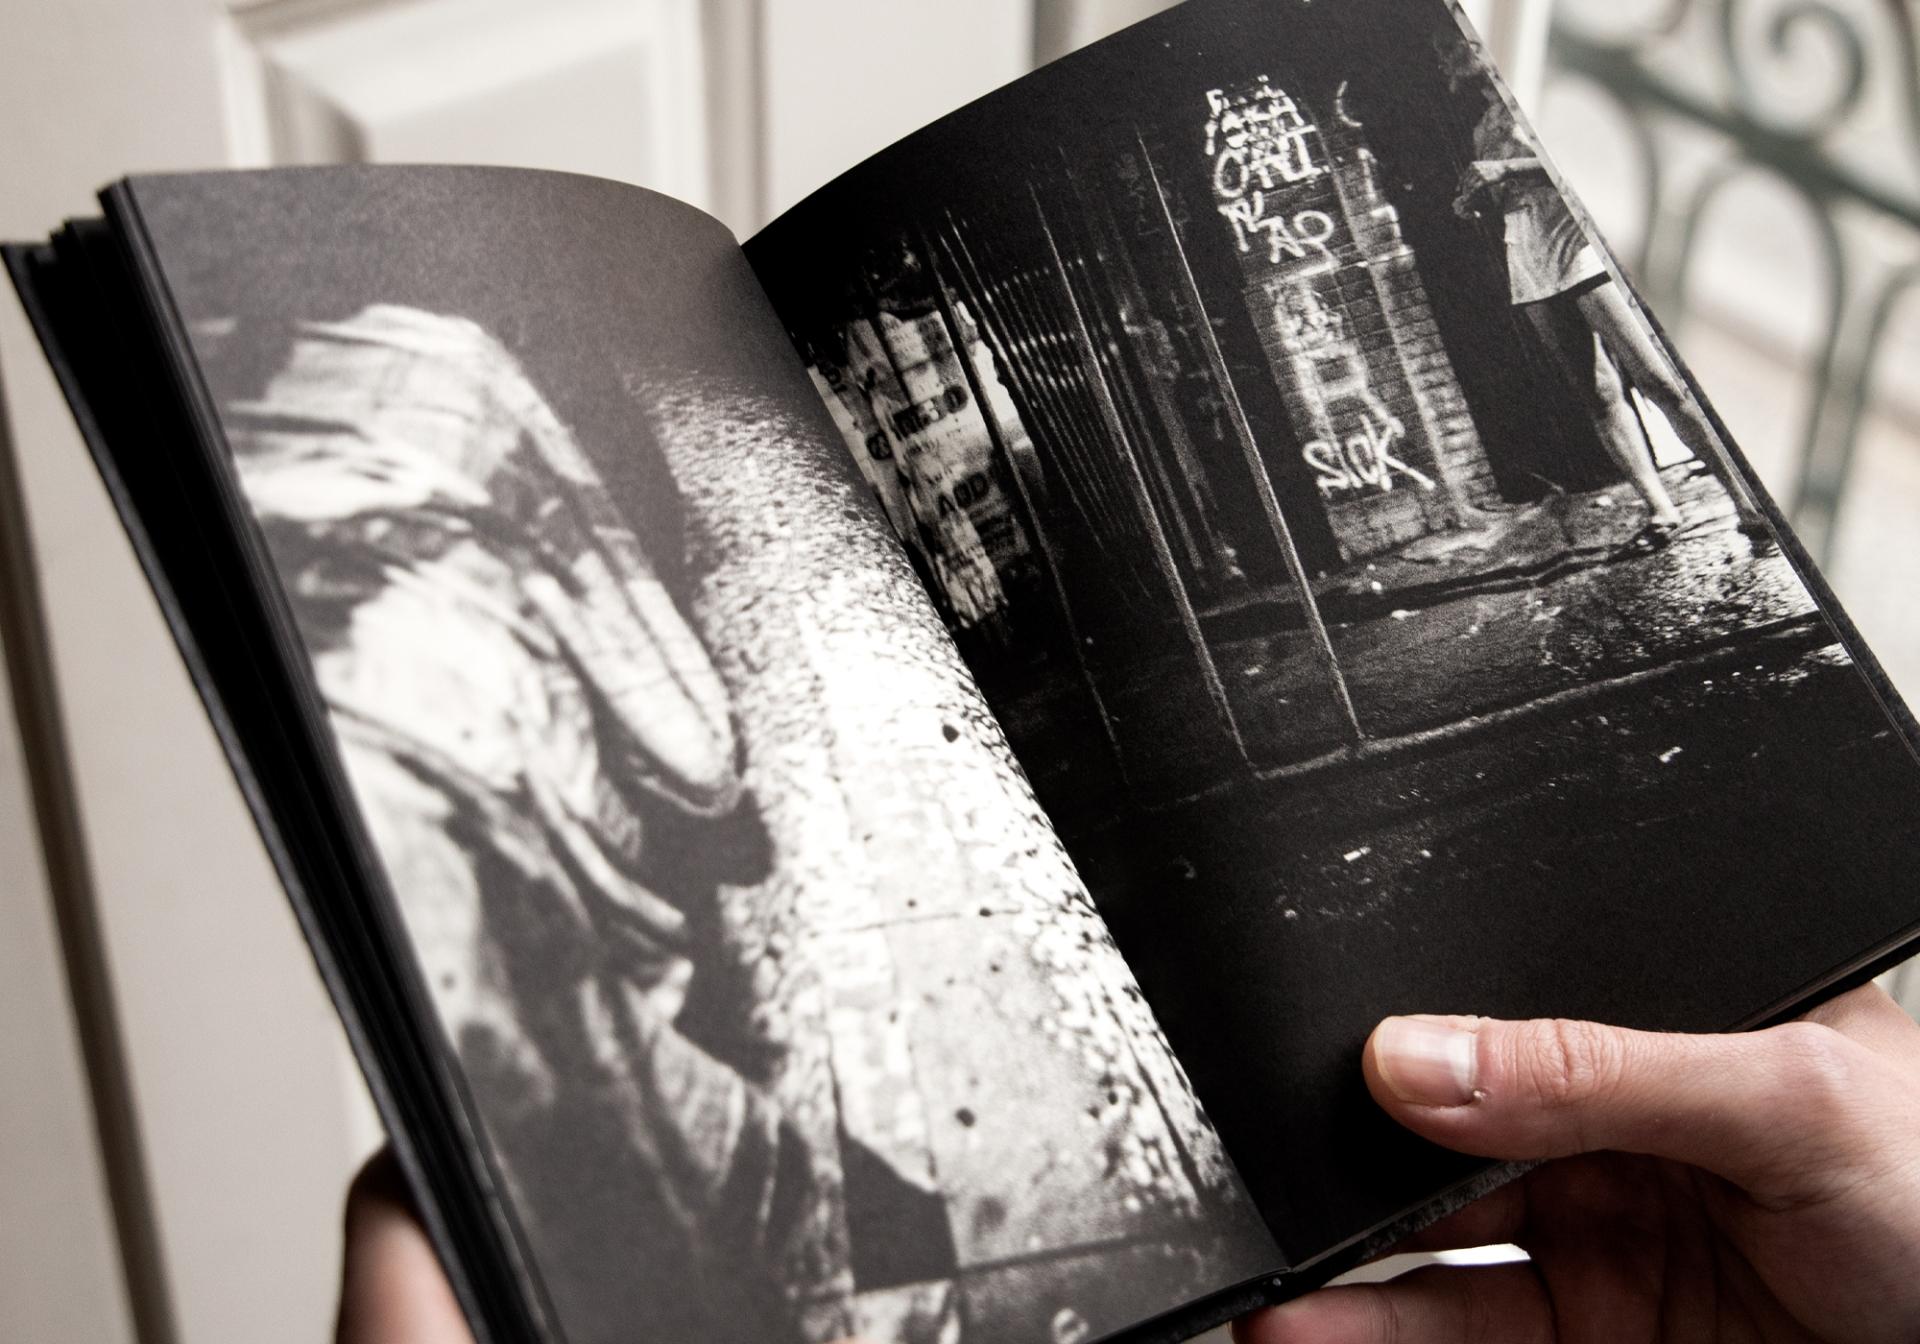 Guy Monnet – Cris Dans La Nuit Image:8 dobra-GMonnet-15B